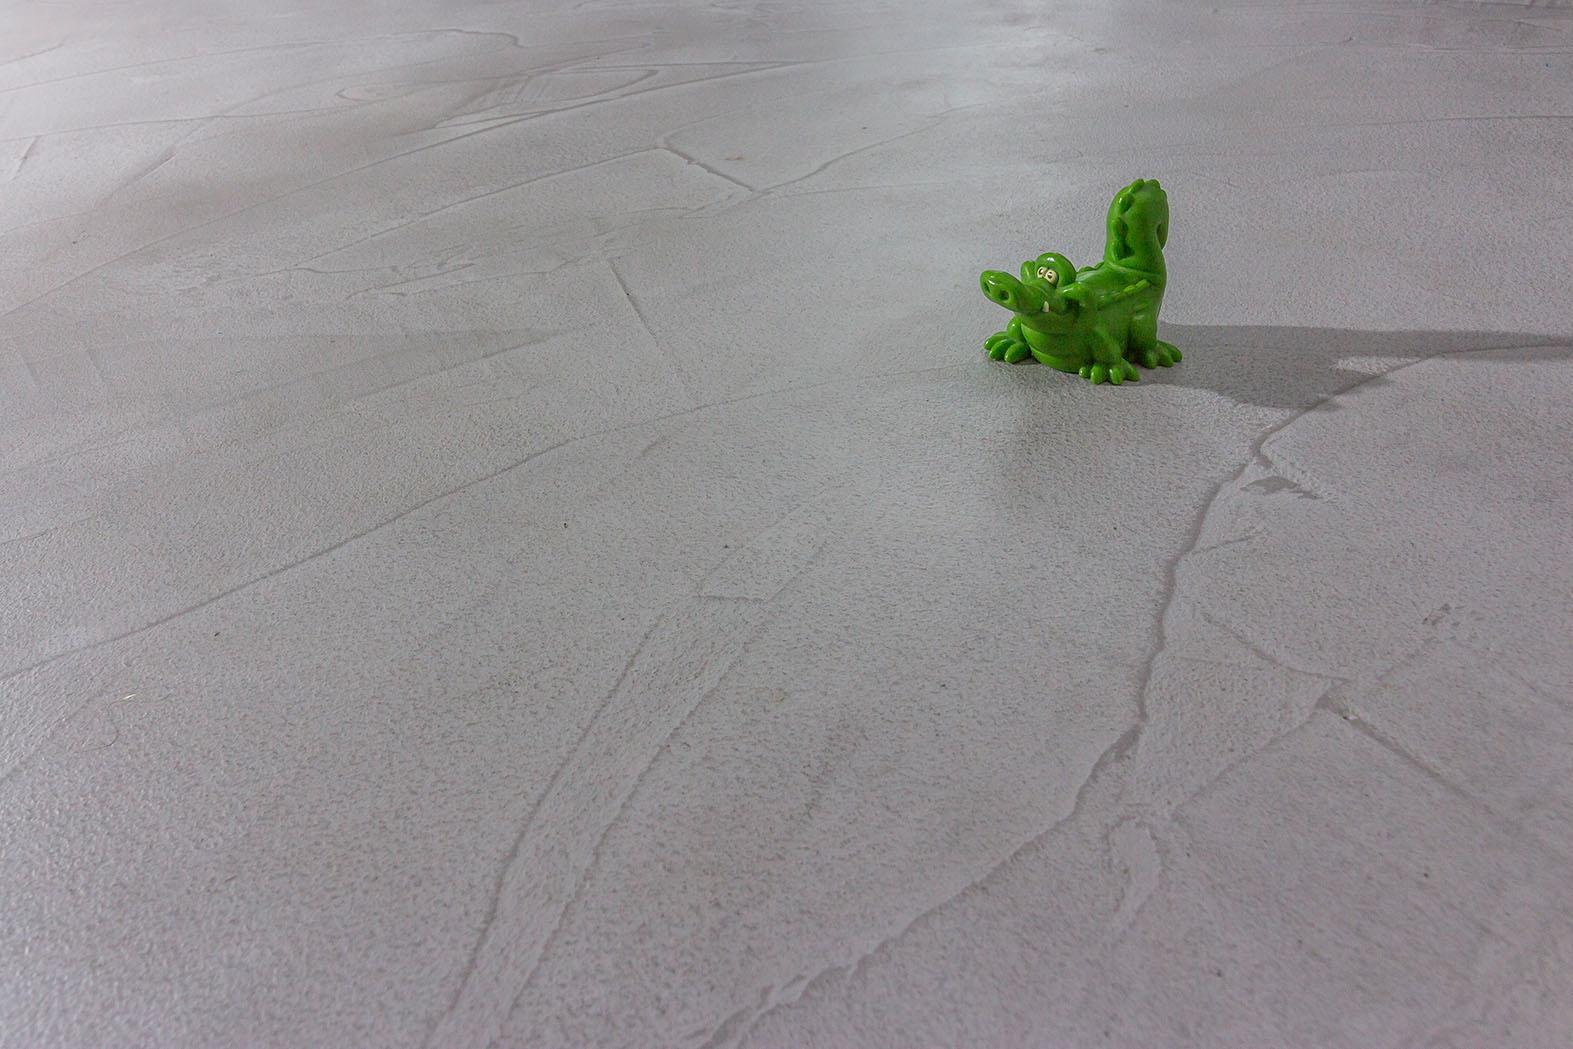 Full Size of Küche Mint Betonboden Gespachtelt Fugenlos Wand Grau Kche Bad Badezimmer Inselküche Abverkauf Betonoptik Vorhänge Gardinen Für Deckenleuchten Granitplatten Wohnzimmer Küche Mint